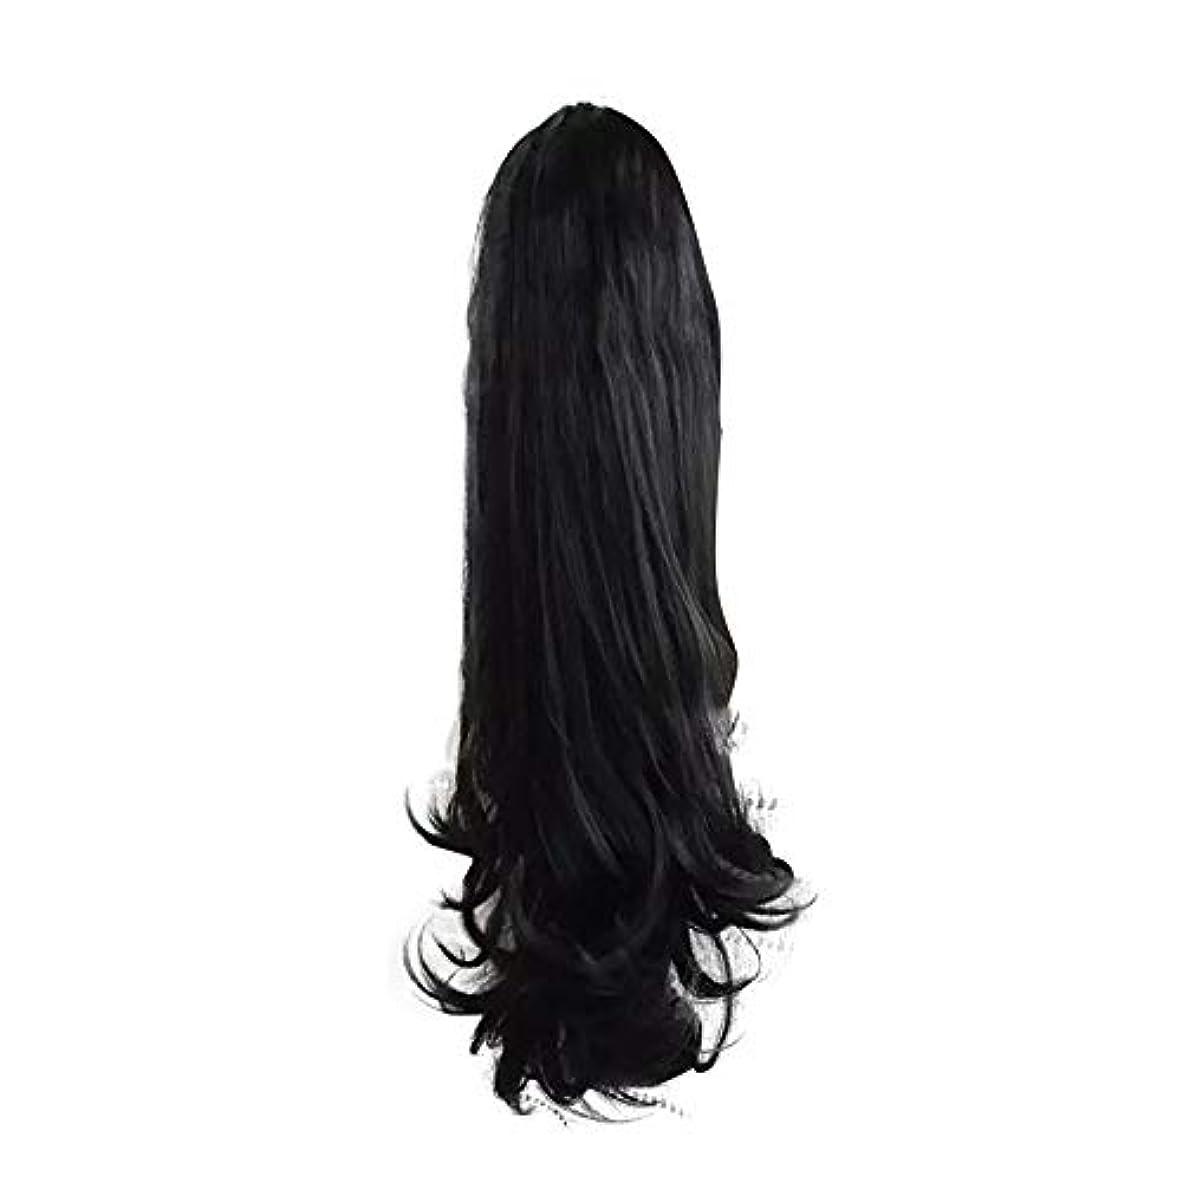 最小化する締め切り未接続女性のための合成かつらの周りラップで巻き毛のポニーテールエクステンションクリップ自然に見える耐熱性、黒